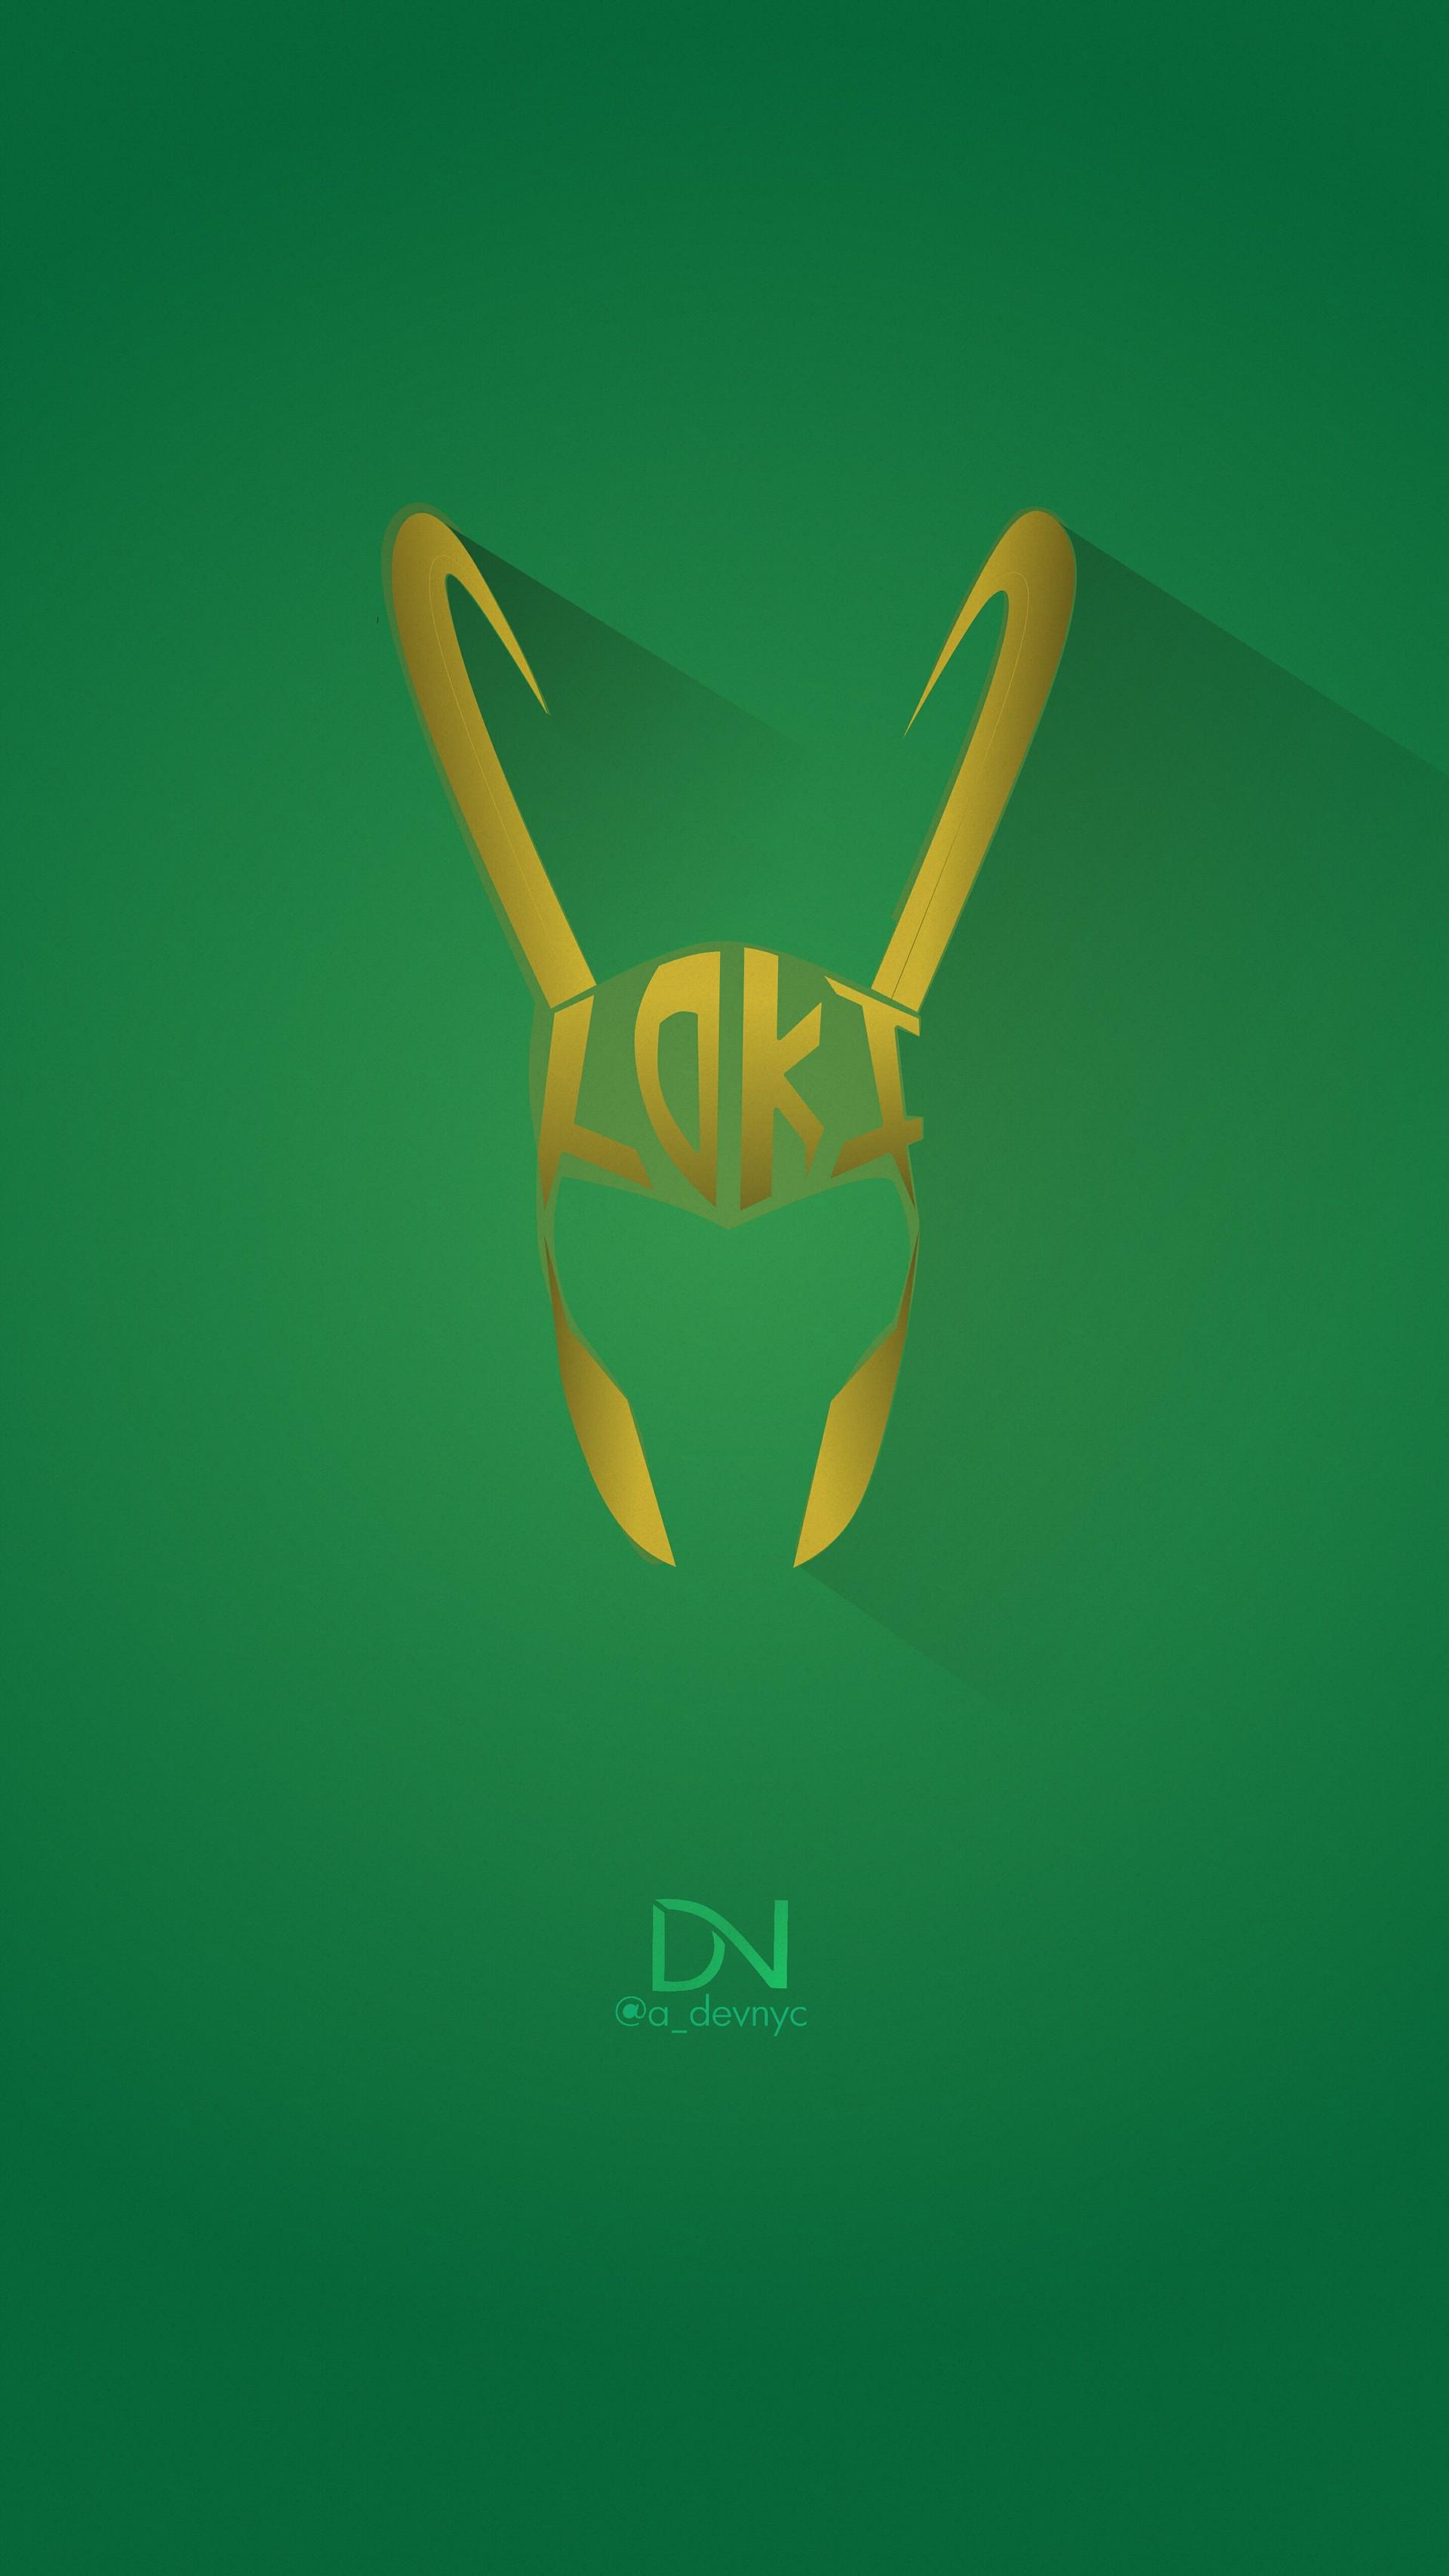 Artstation Loki Logo Ankytrix Arts